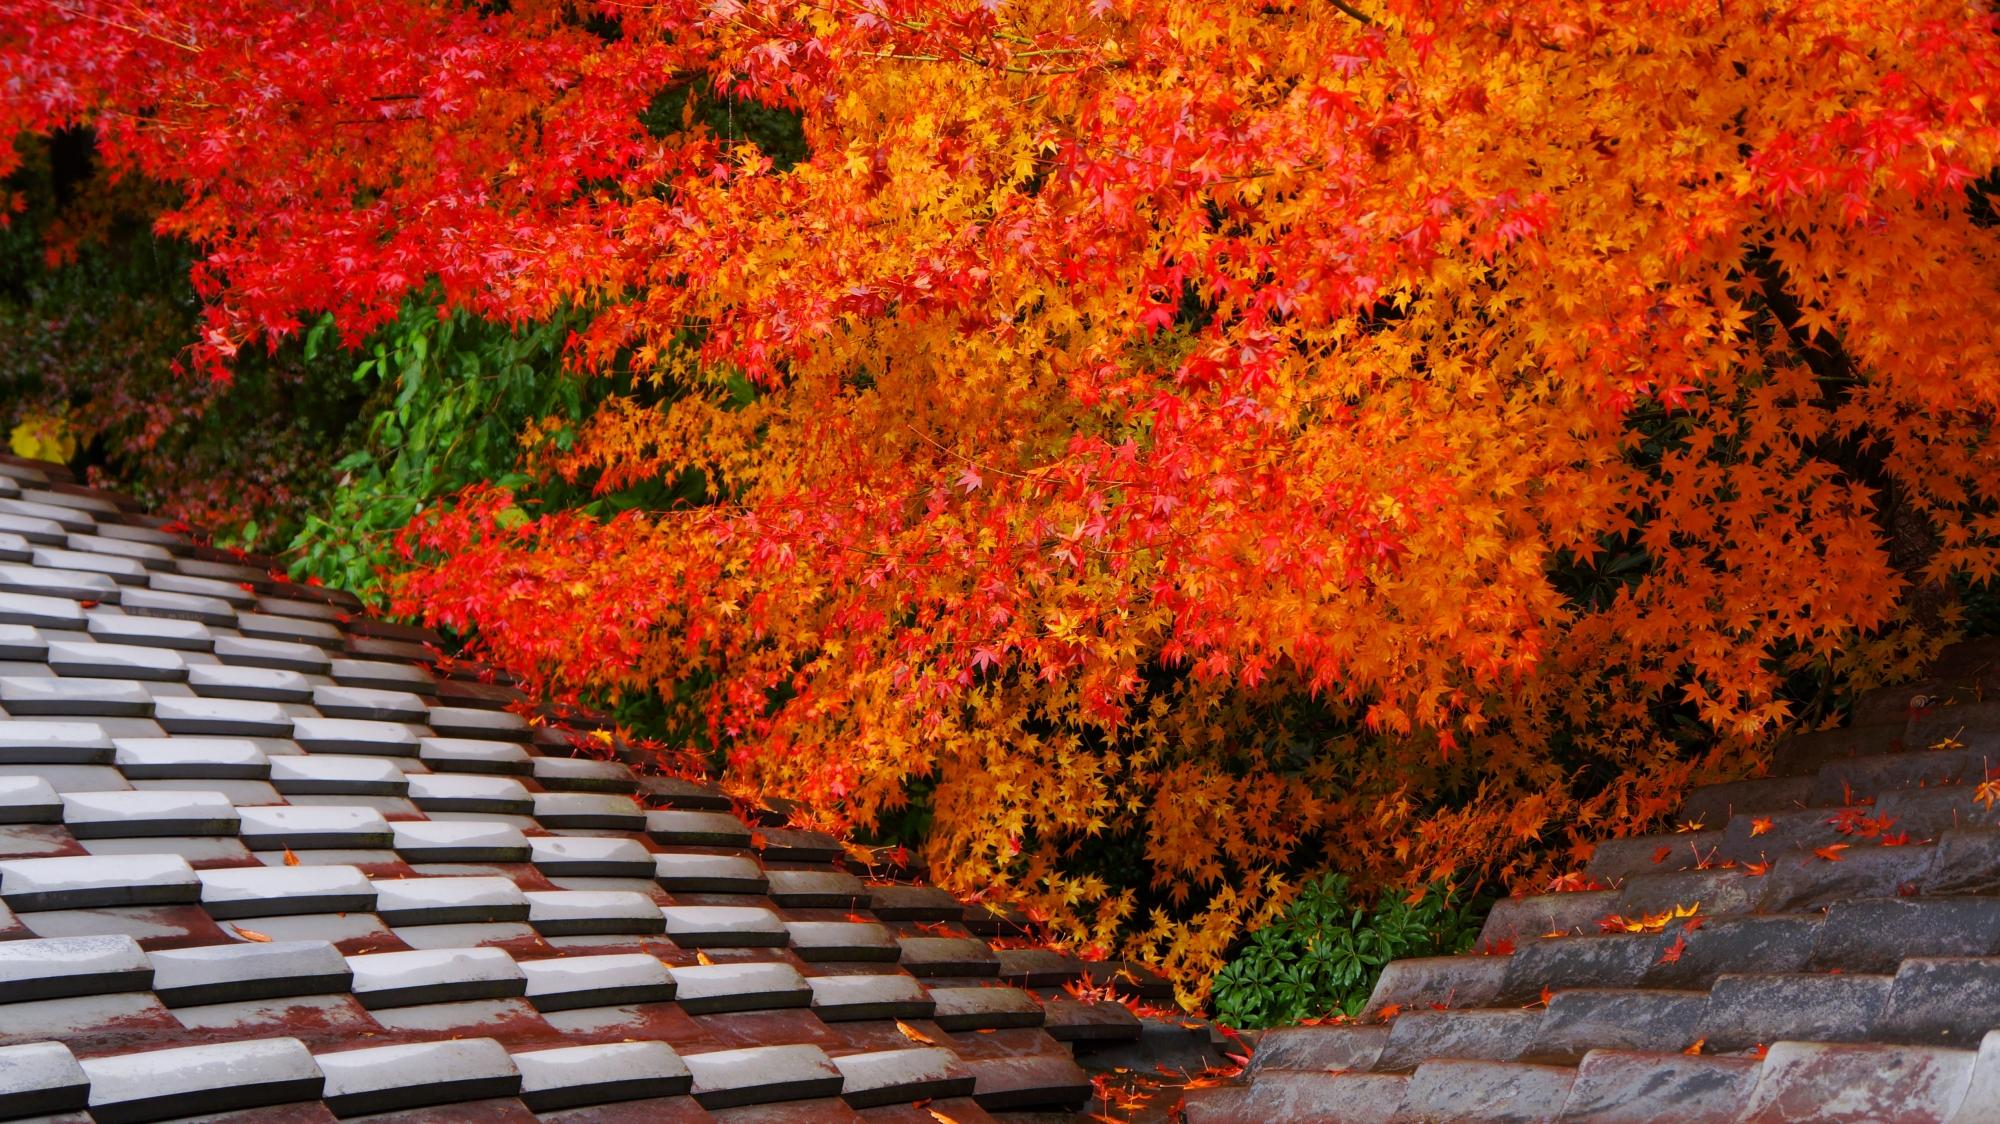 瑠璃光院の書院北側の良く色づいた紅葉